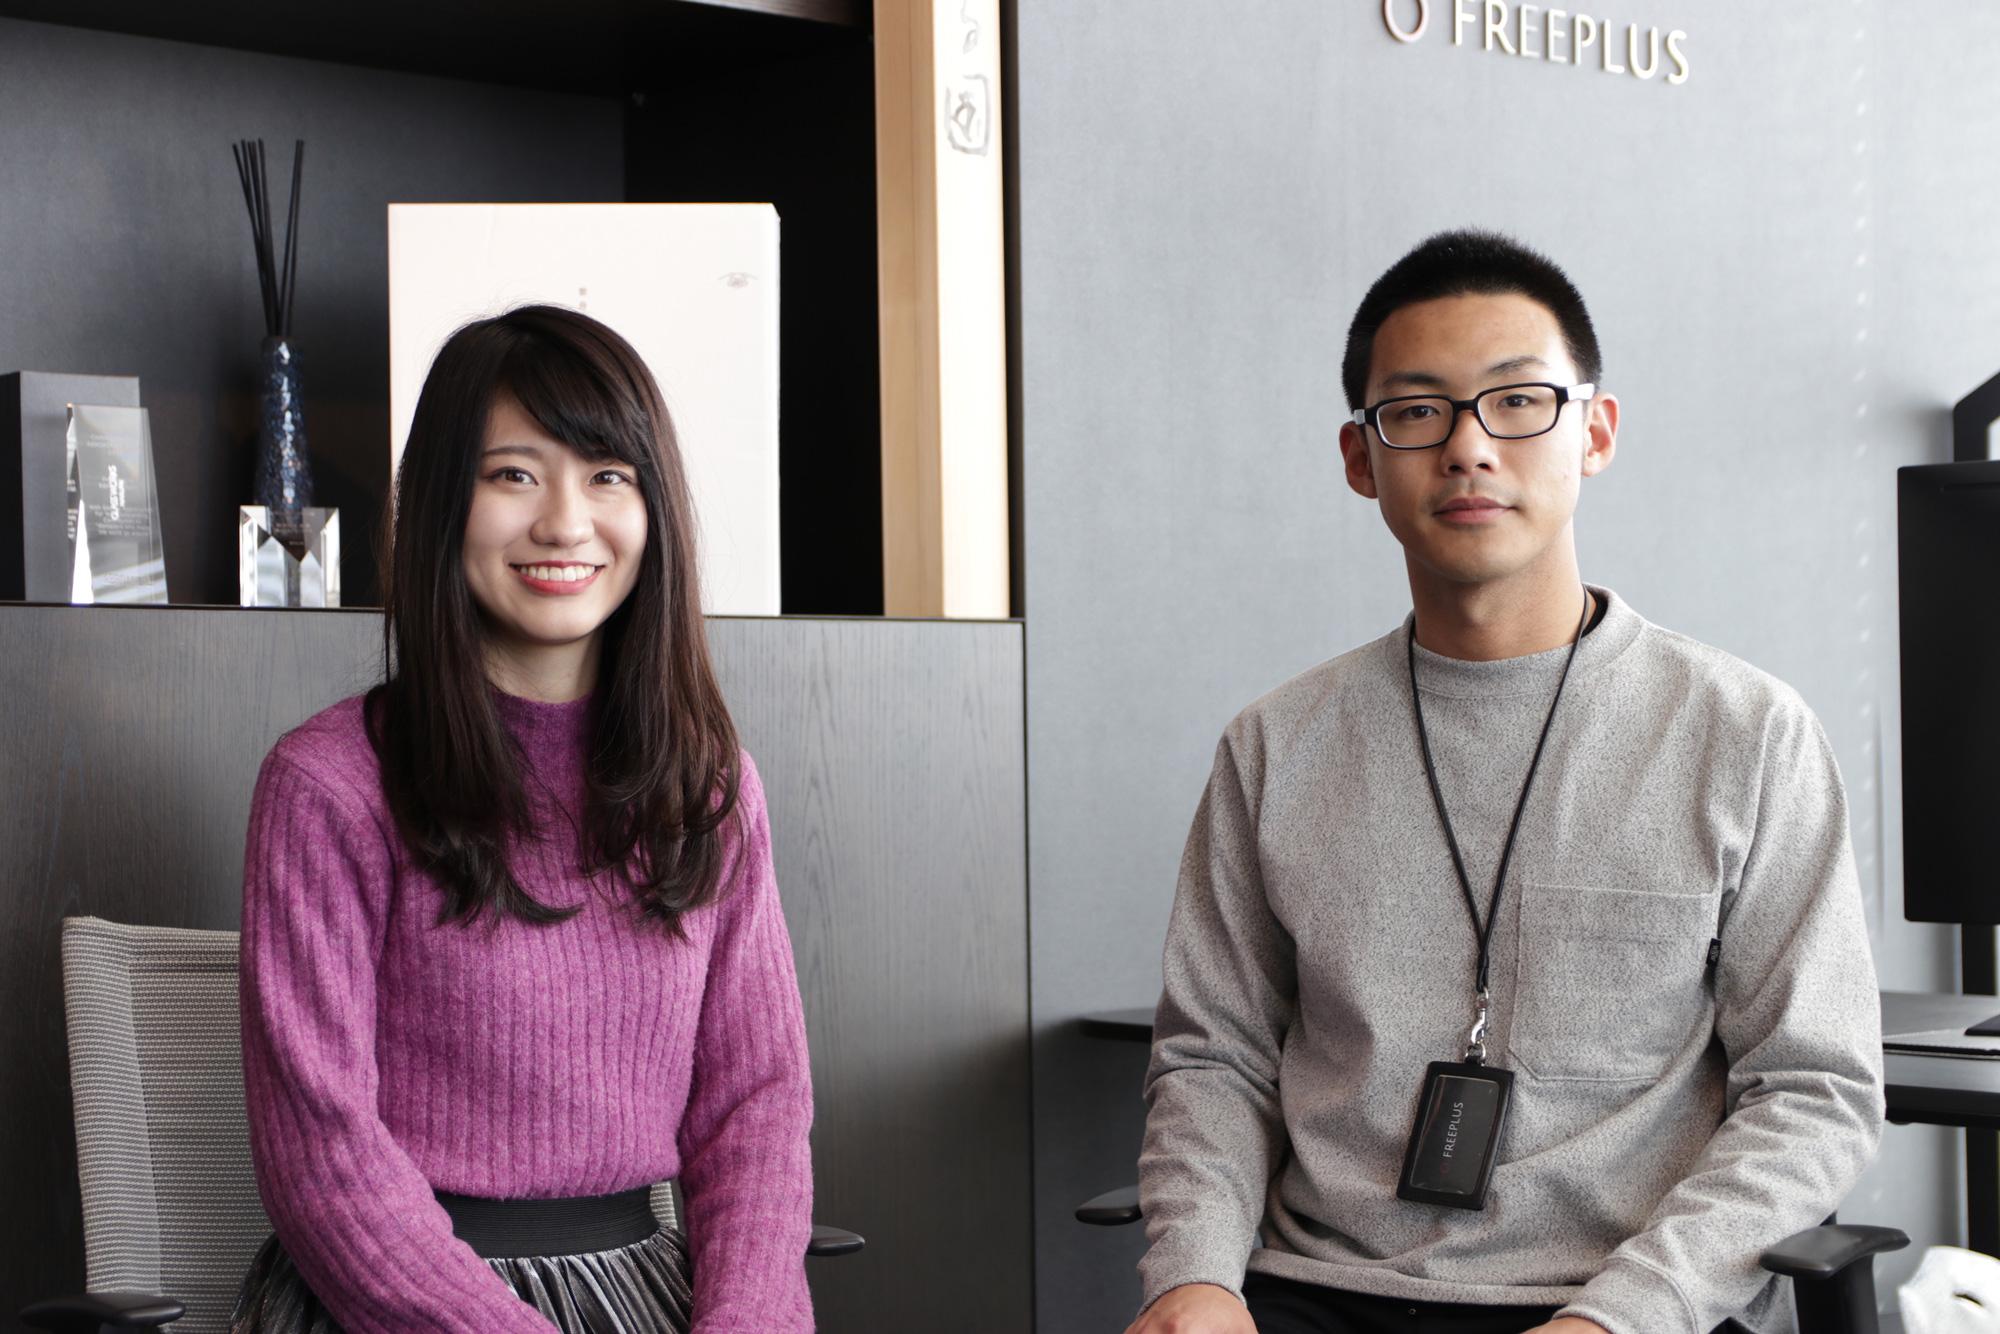 200人を超える規模では、日本で初めて本格的に「ティール組織」を始めたと言われる株式会社フリープラス様。